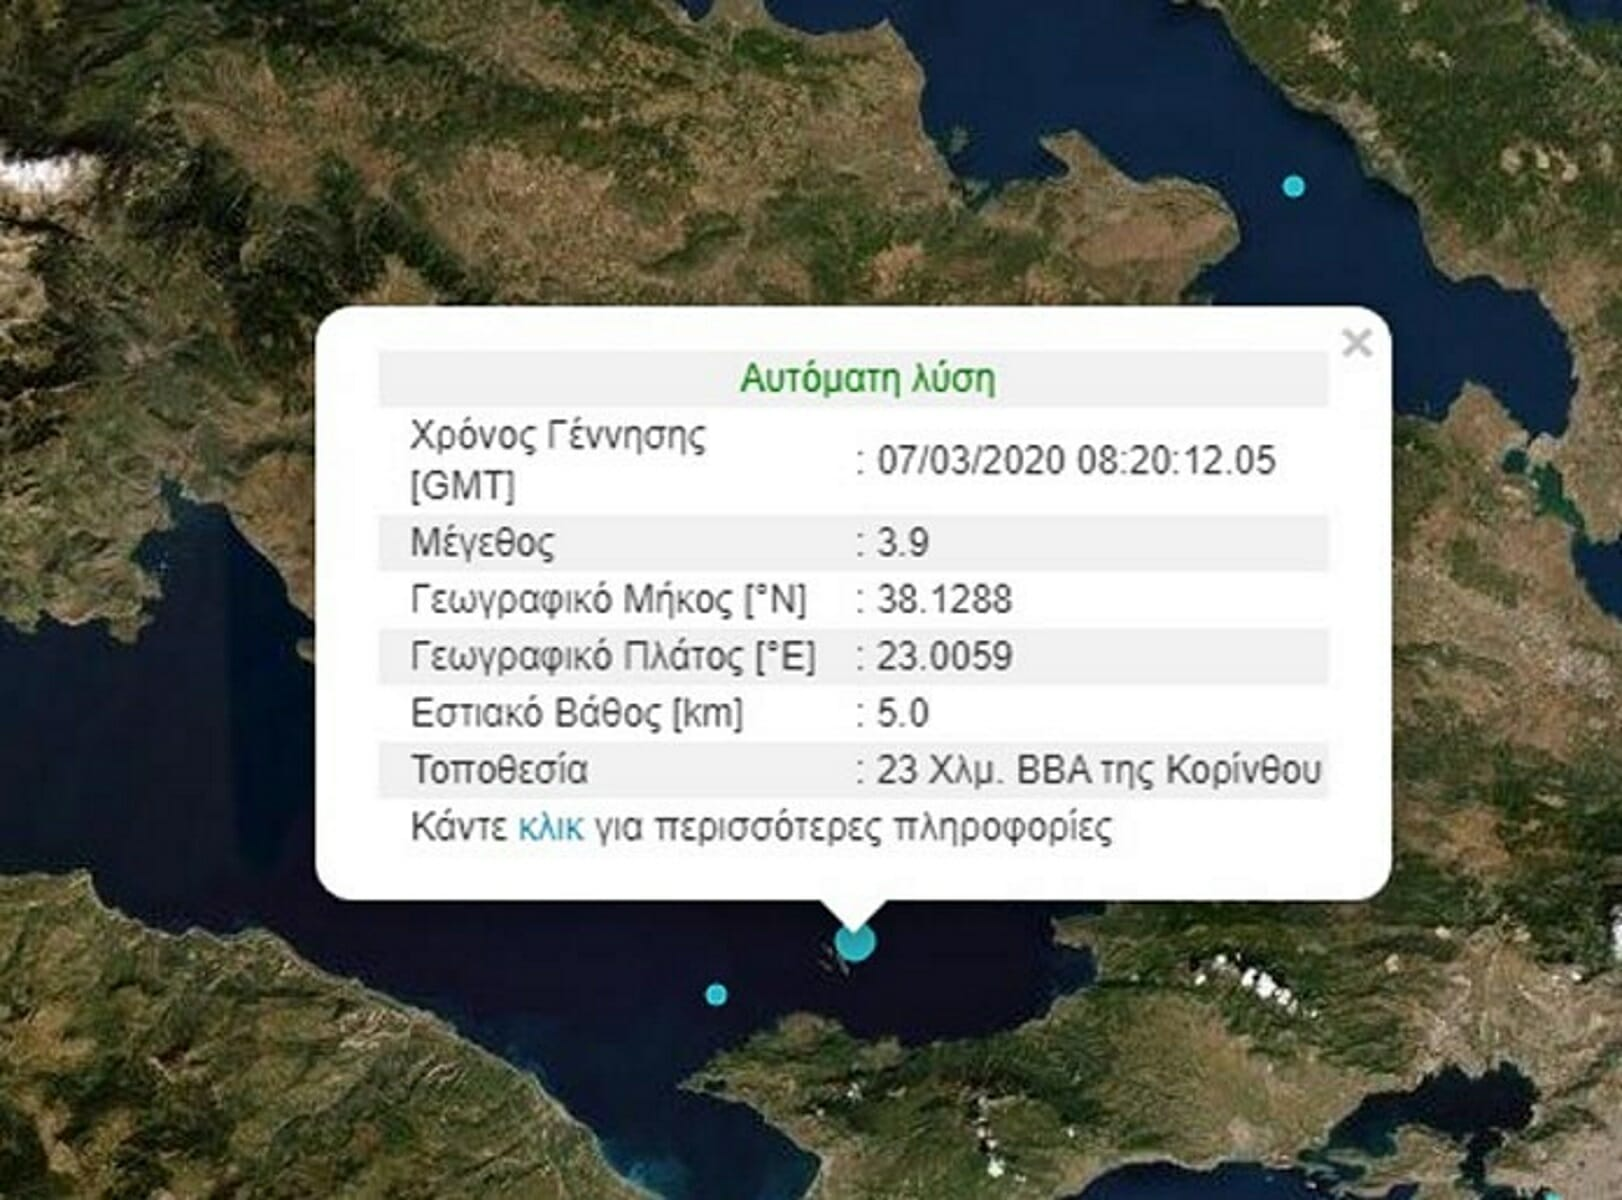 Σεισμική δόνηση 3.9 ρίχτερ βόρεια των Αλκυονίδων